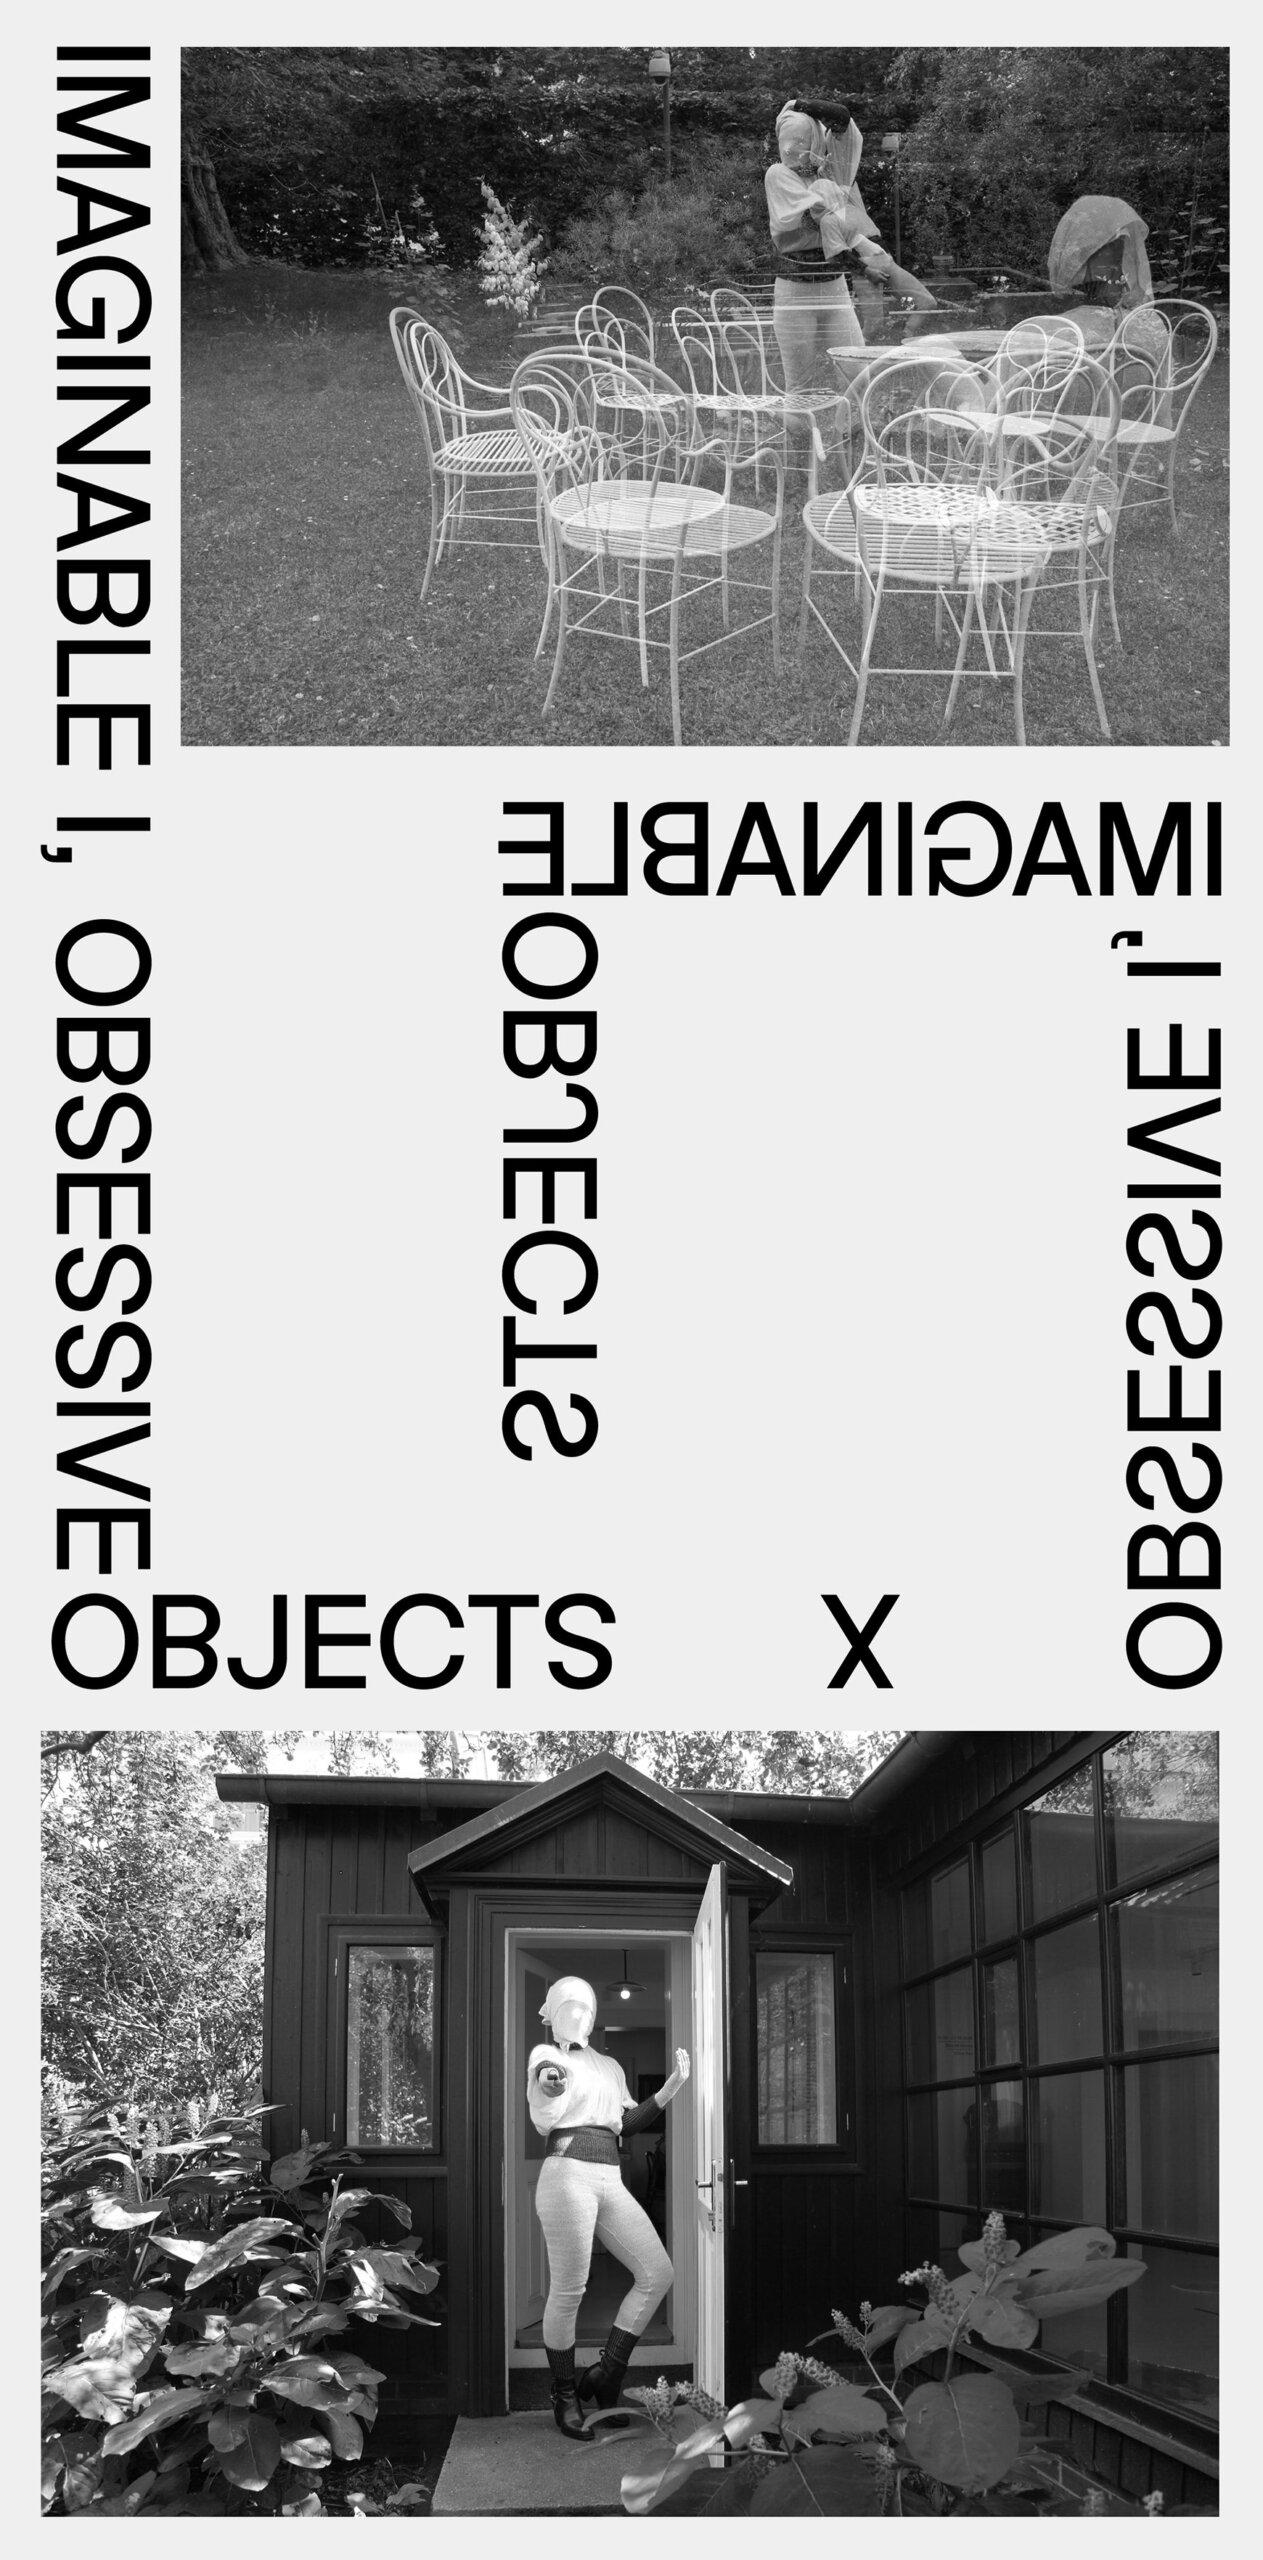 možné já, posedlé objekty – posedlé já, možné objekty